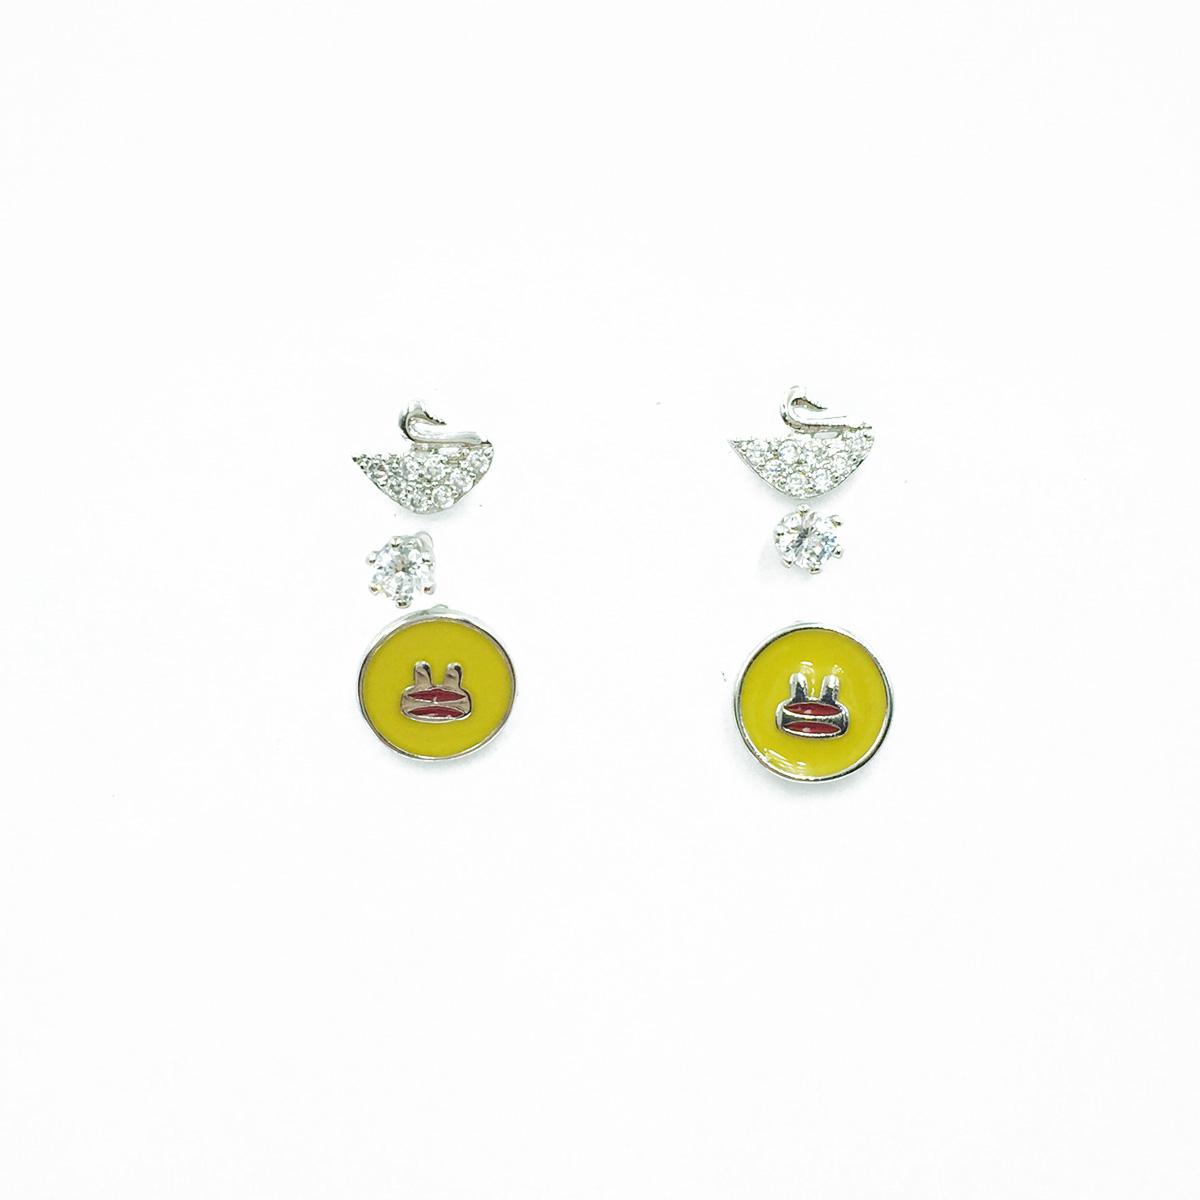 韓國 925純銀 單鑽 天鵝水鑽 黃色小鴨臉 三對組 精緻耳針式耳環